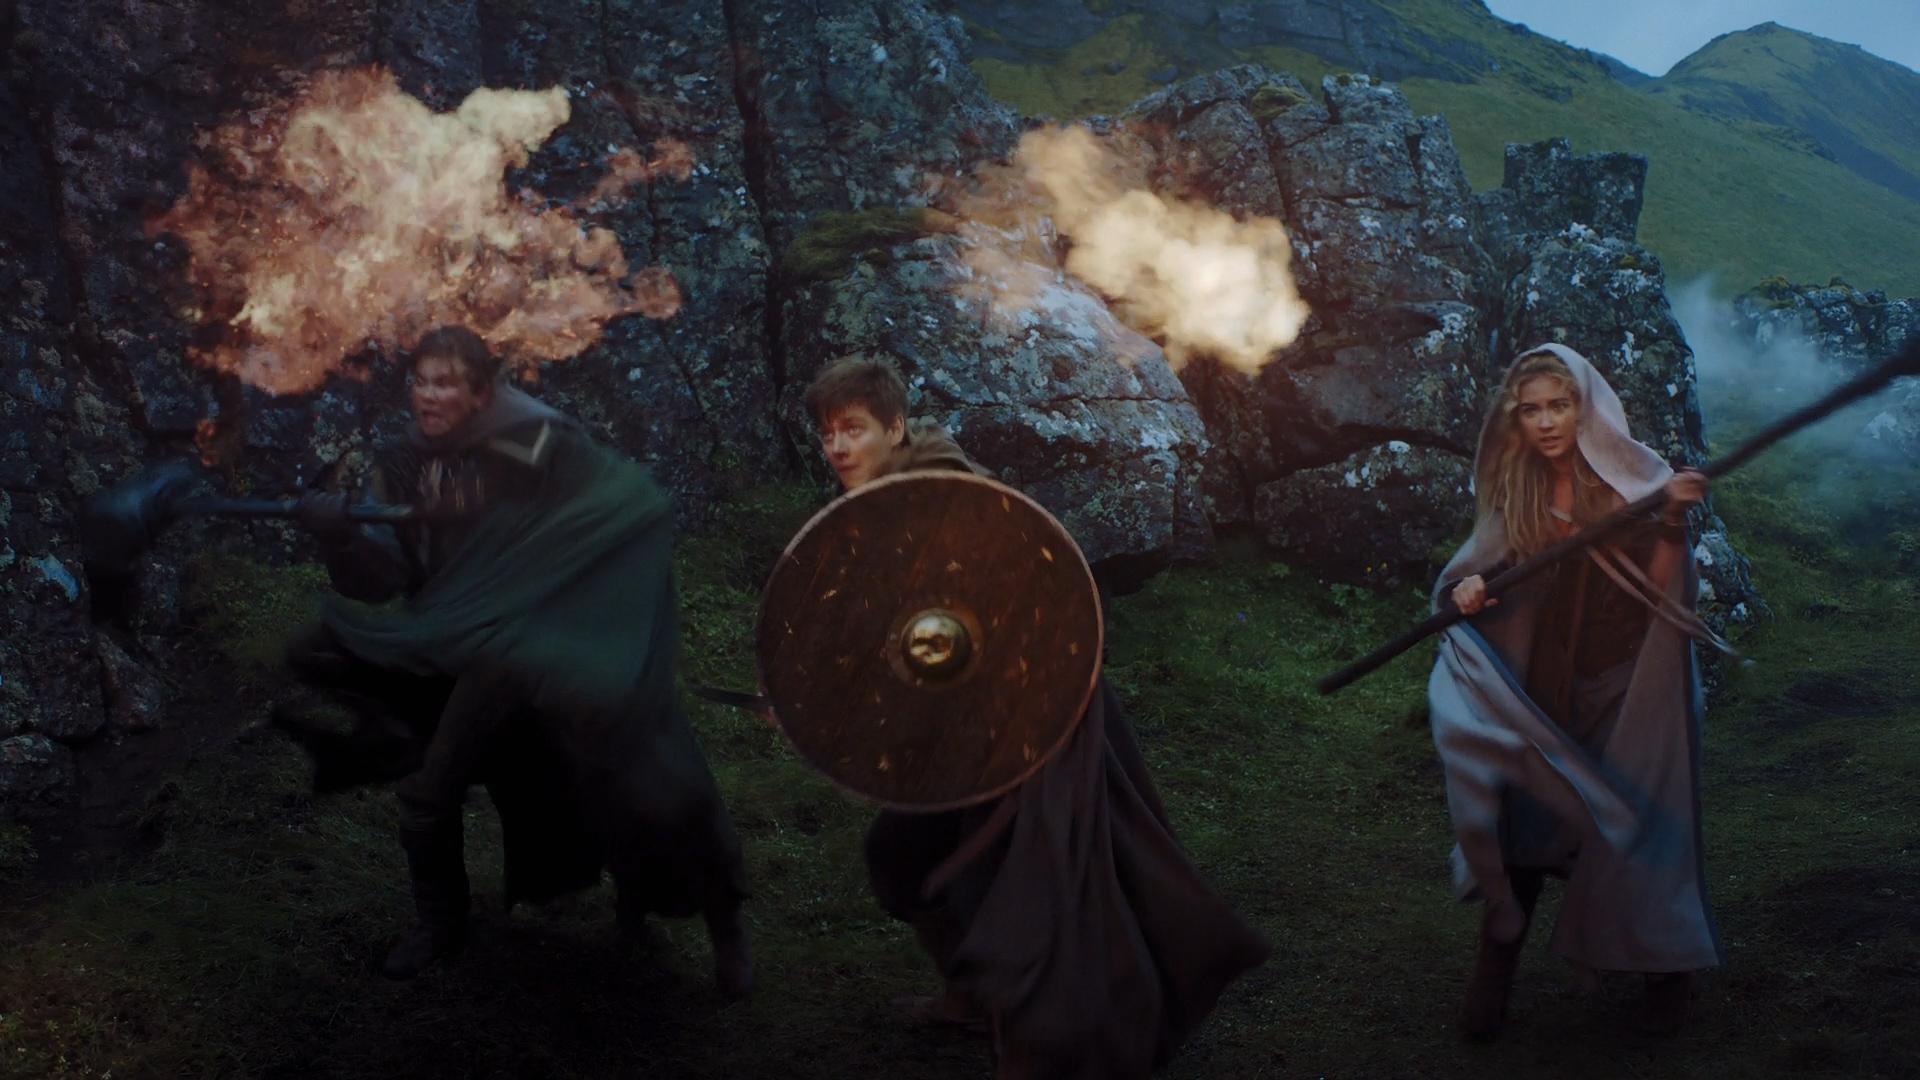 大作映画風な「星のドラゴンクエスト」WEB映像が壮大すぎて胸アツ ロケ地はアイスランド